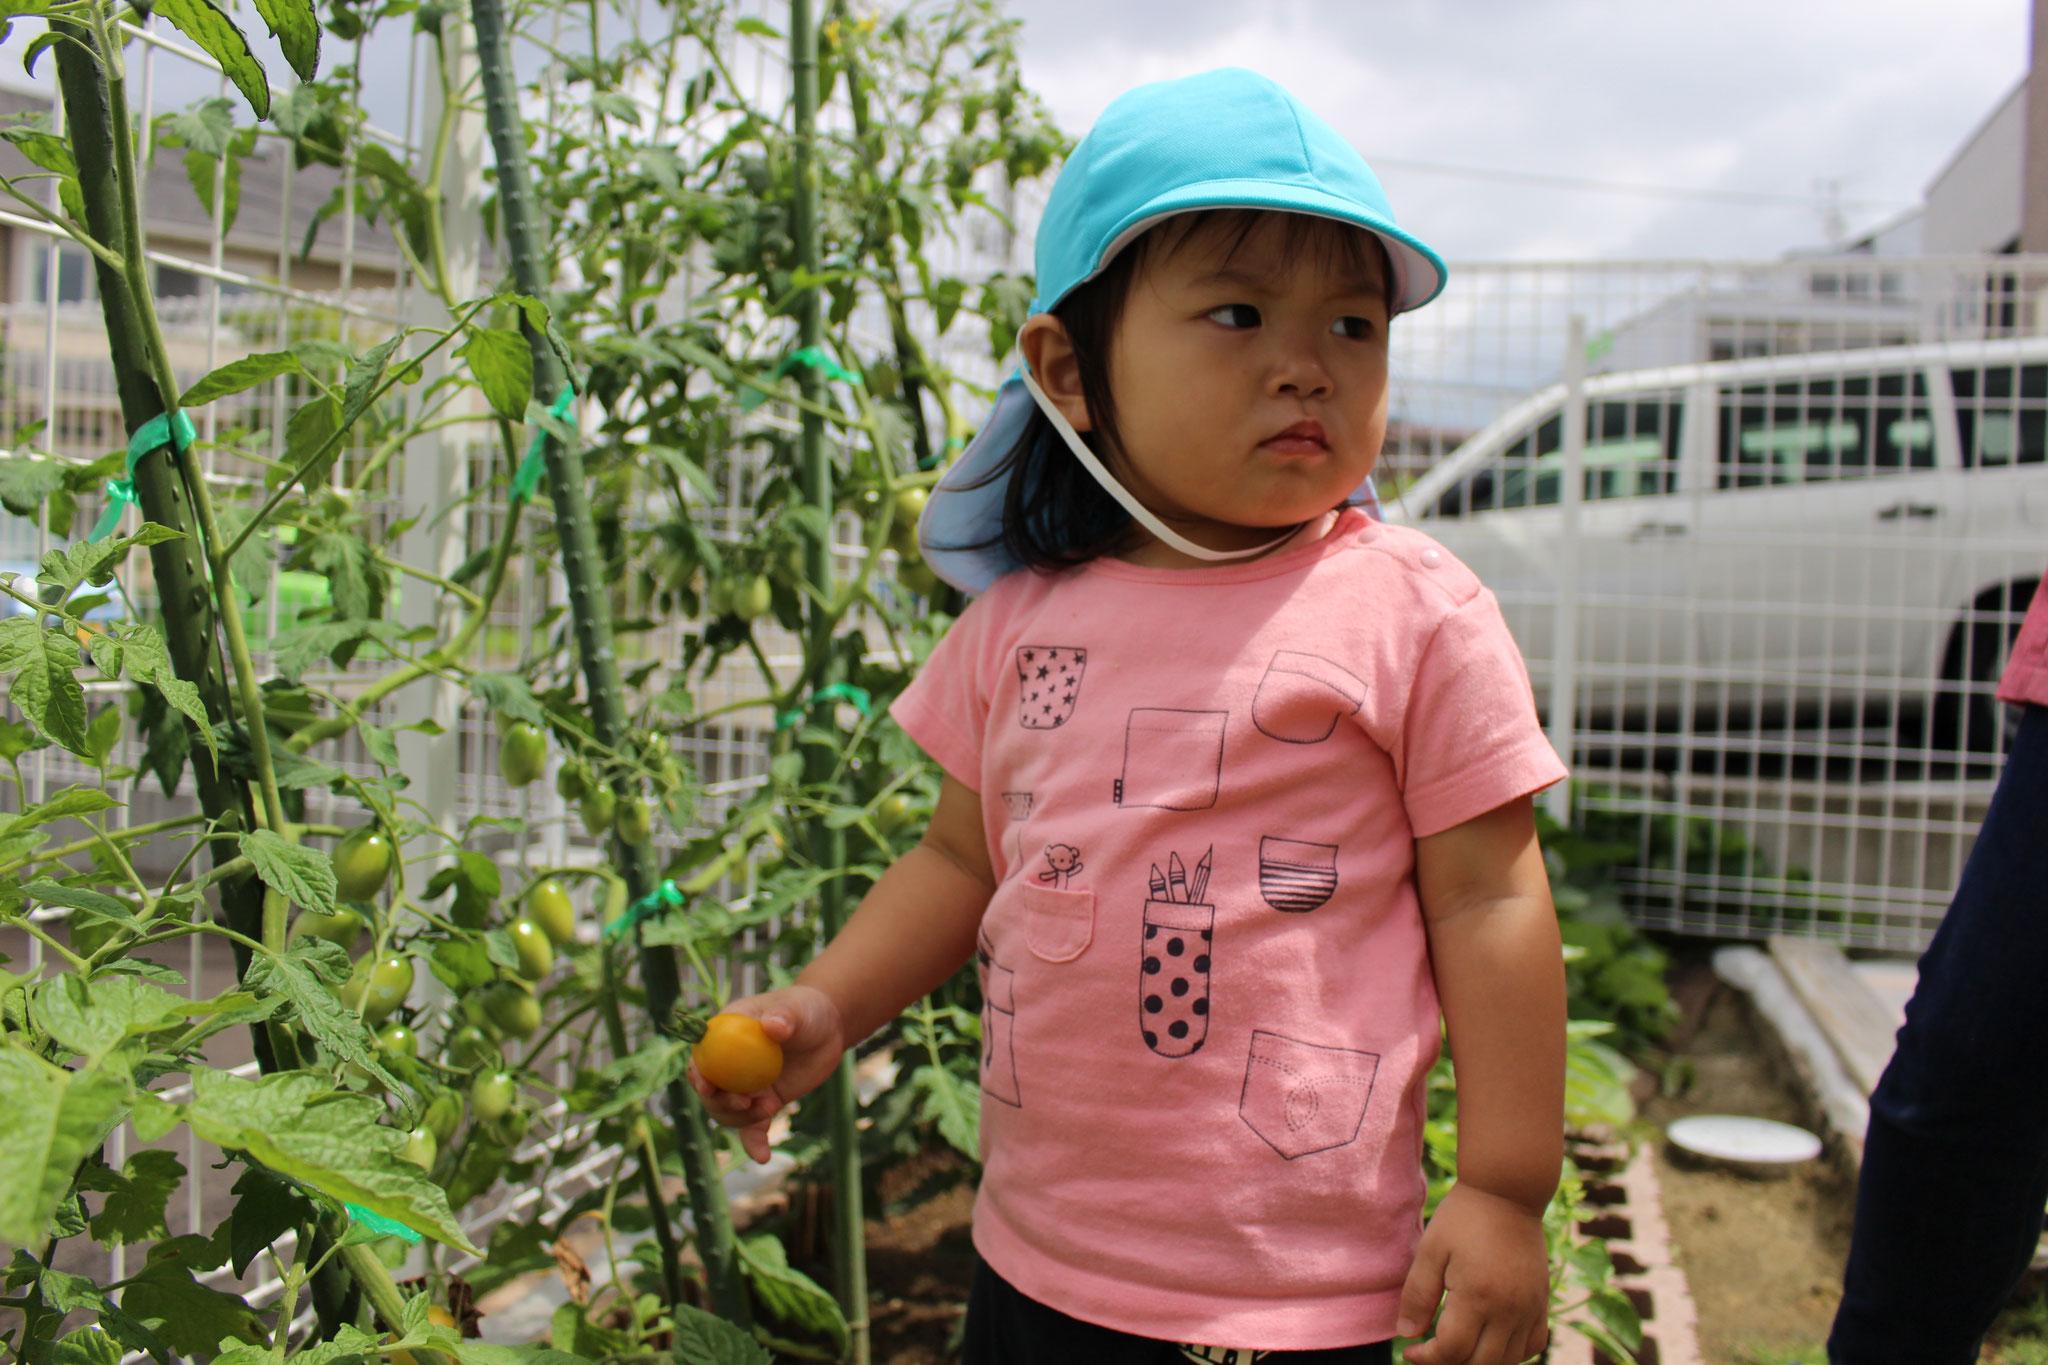 野菜を 手に取り 凛々しい 表情を浮かべる Mちゃん 見据える先には 何があるのかな~ とっても気になります!